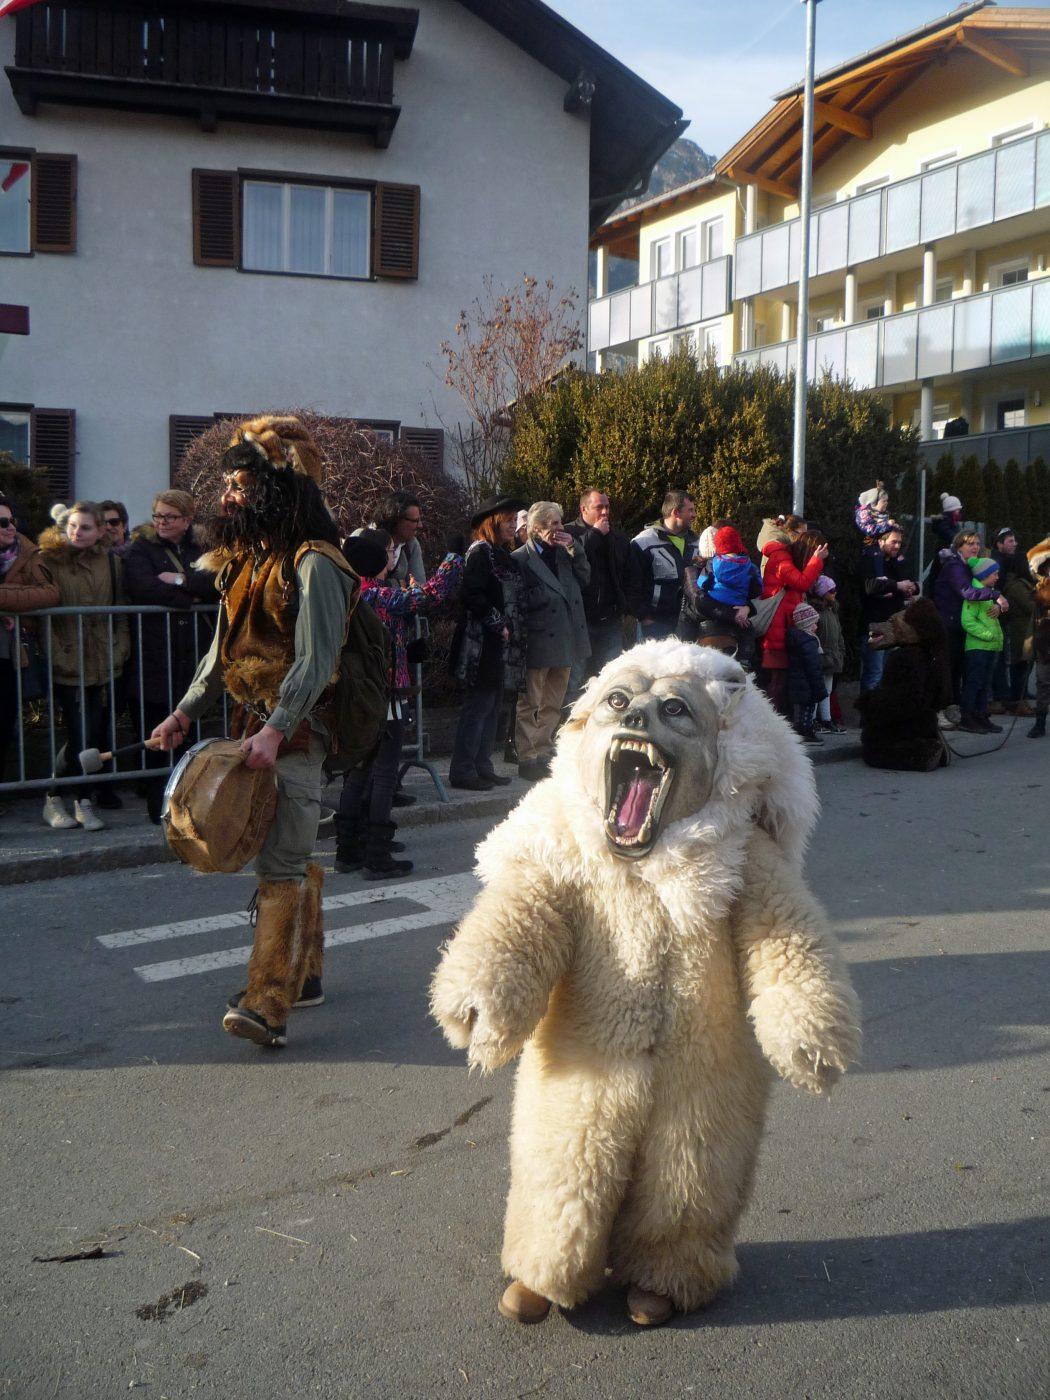 Das war der einzige Bär von dem ich keine Angst hatte. Sonst habe ich mich immer in der 2. Reihe versteckt ;-).